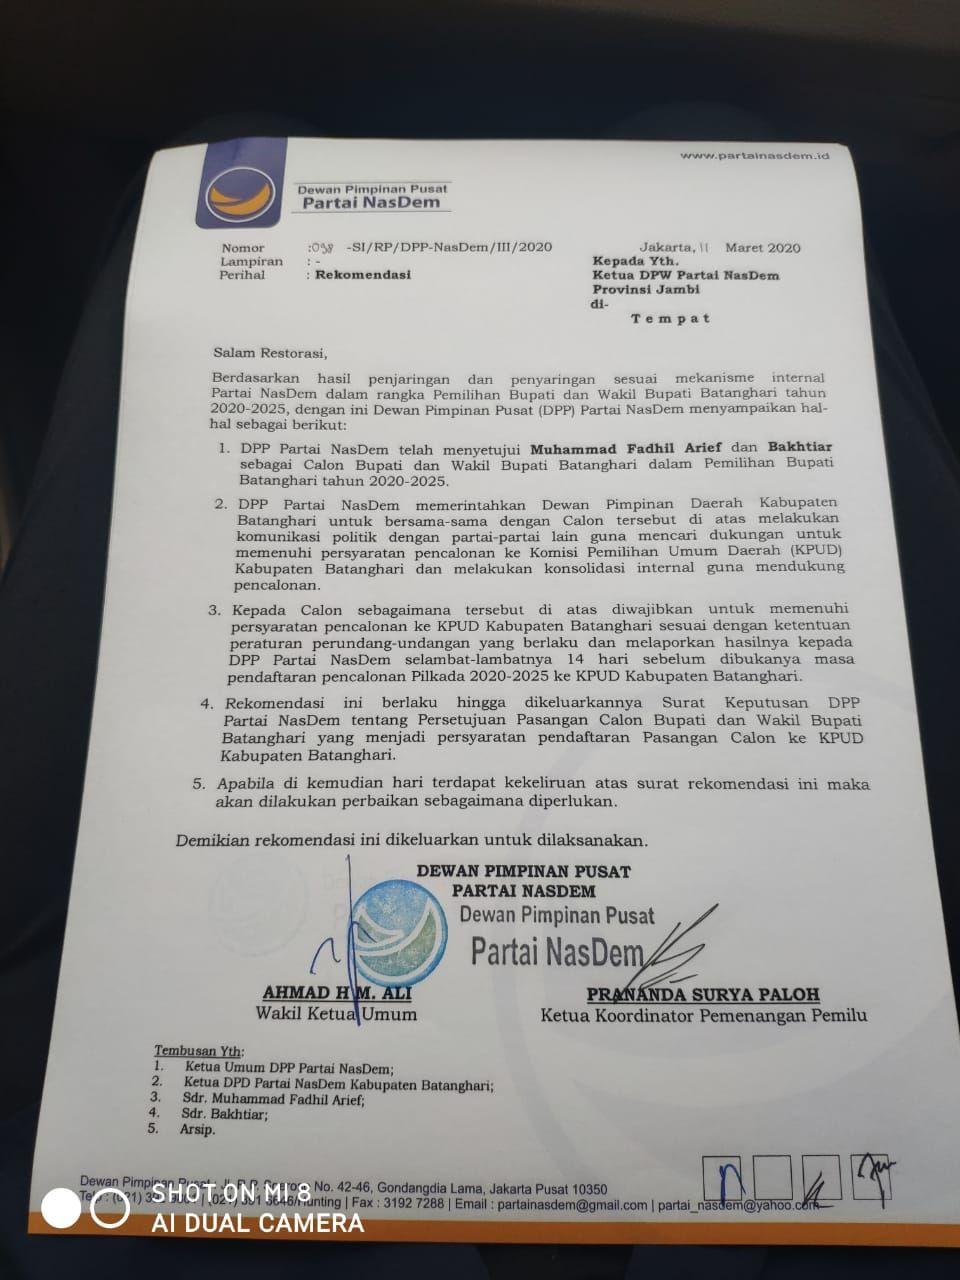 Surat dukungan dari Nasdem.